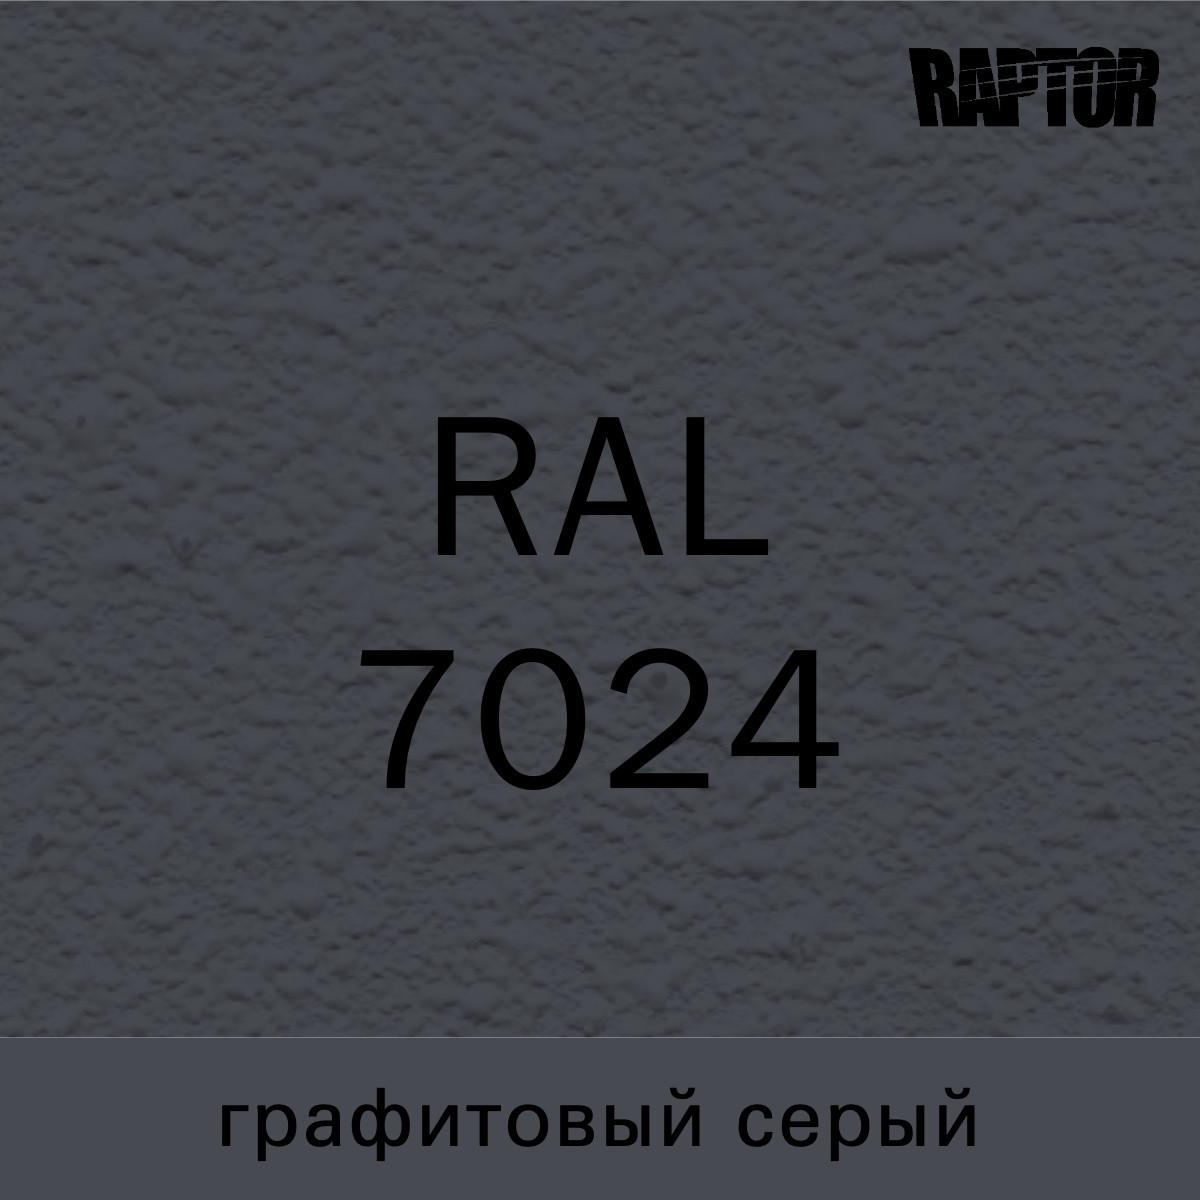 Пигмент для колеровки покрытия RAPTOR™ Графитово-серый (RAL 7024)